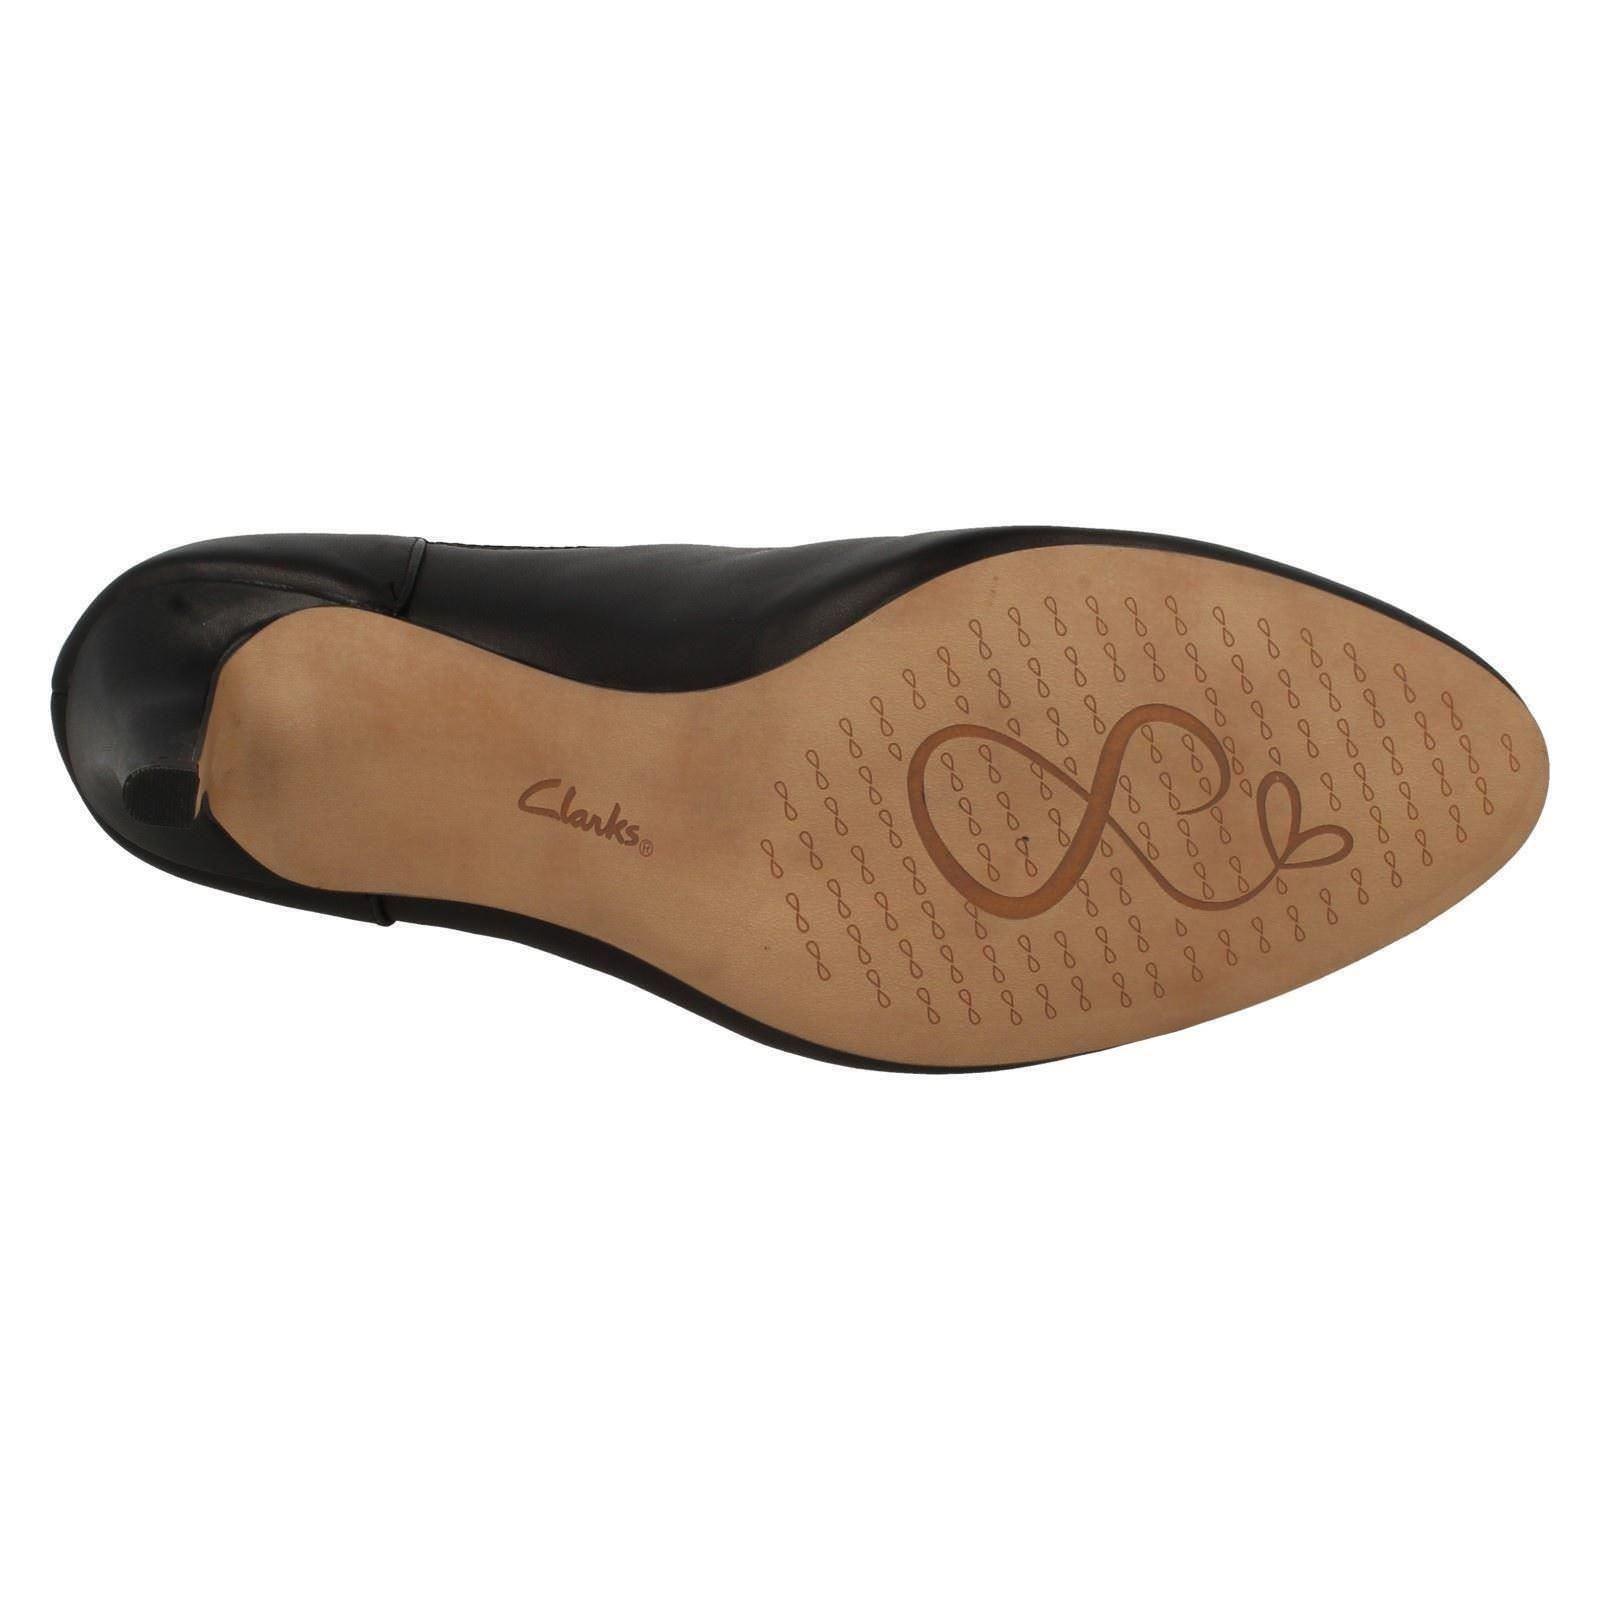 Damen Hineinschlüpfen Clarks Leather Stiefeletten zum Hineinschlüpfen Damen D passen Carlita quinn4 9c75f8